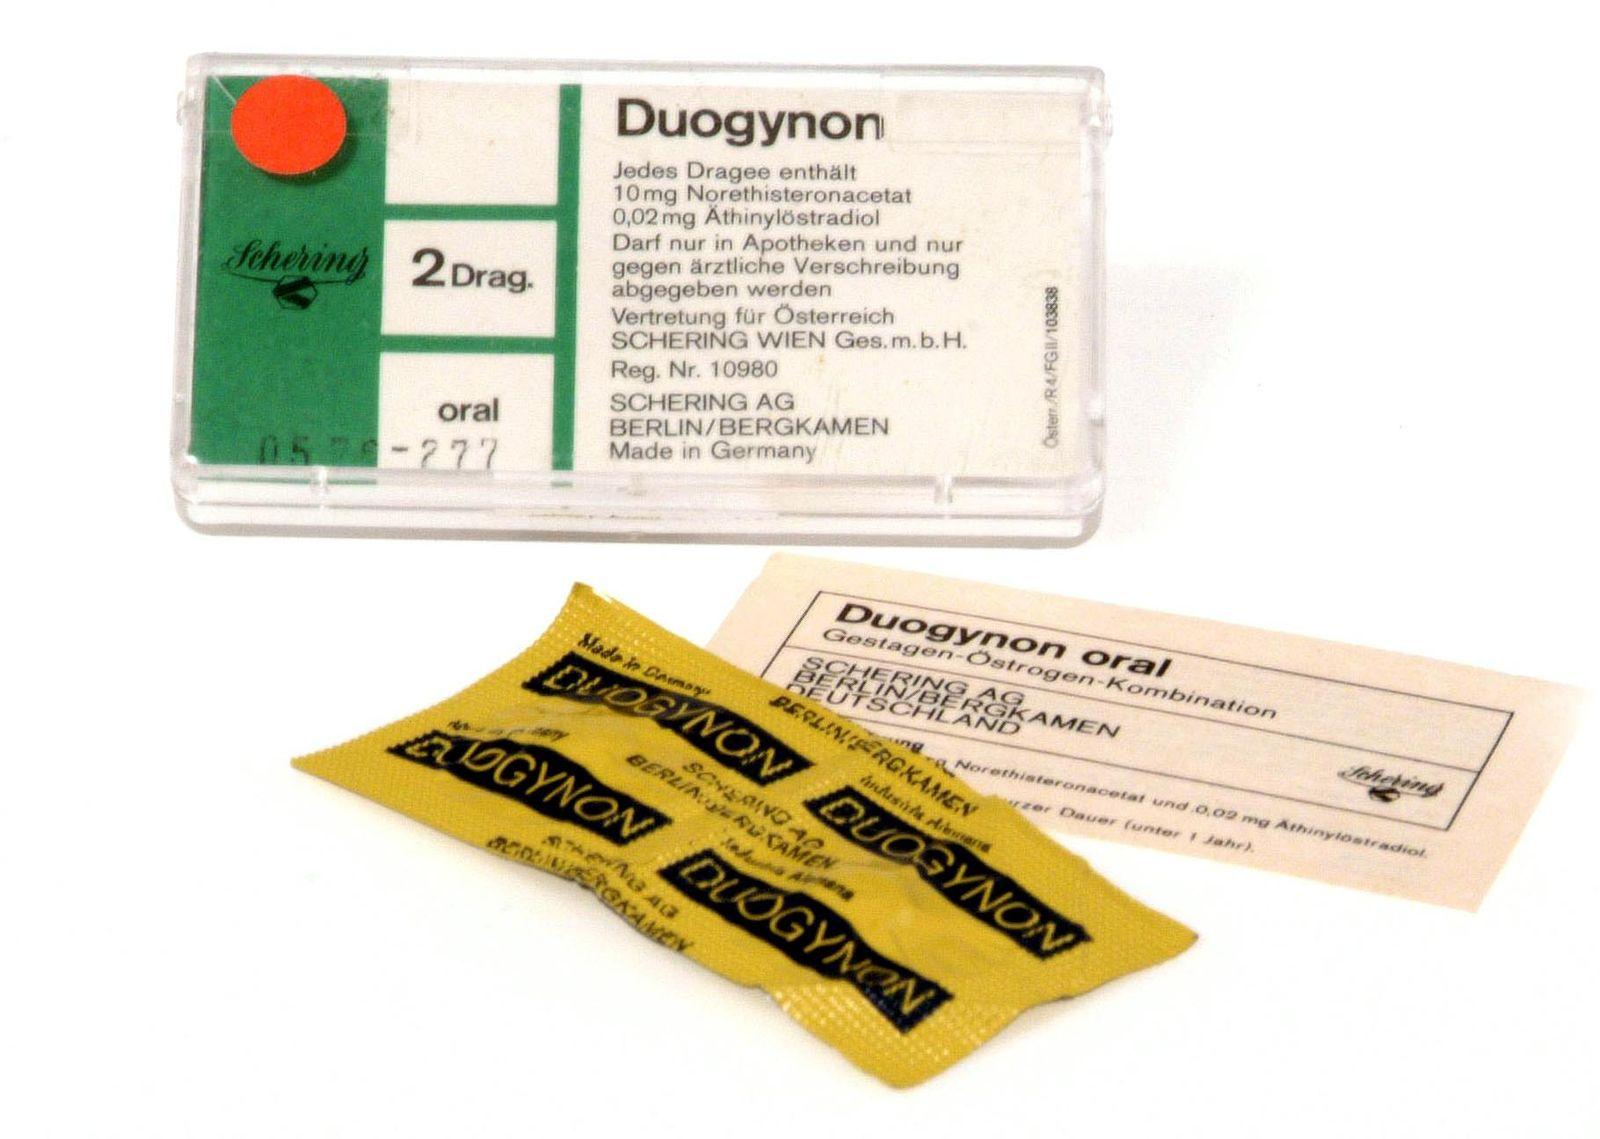 NICHT VERWENDEN Duogynon/Bayer/Schering